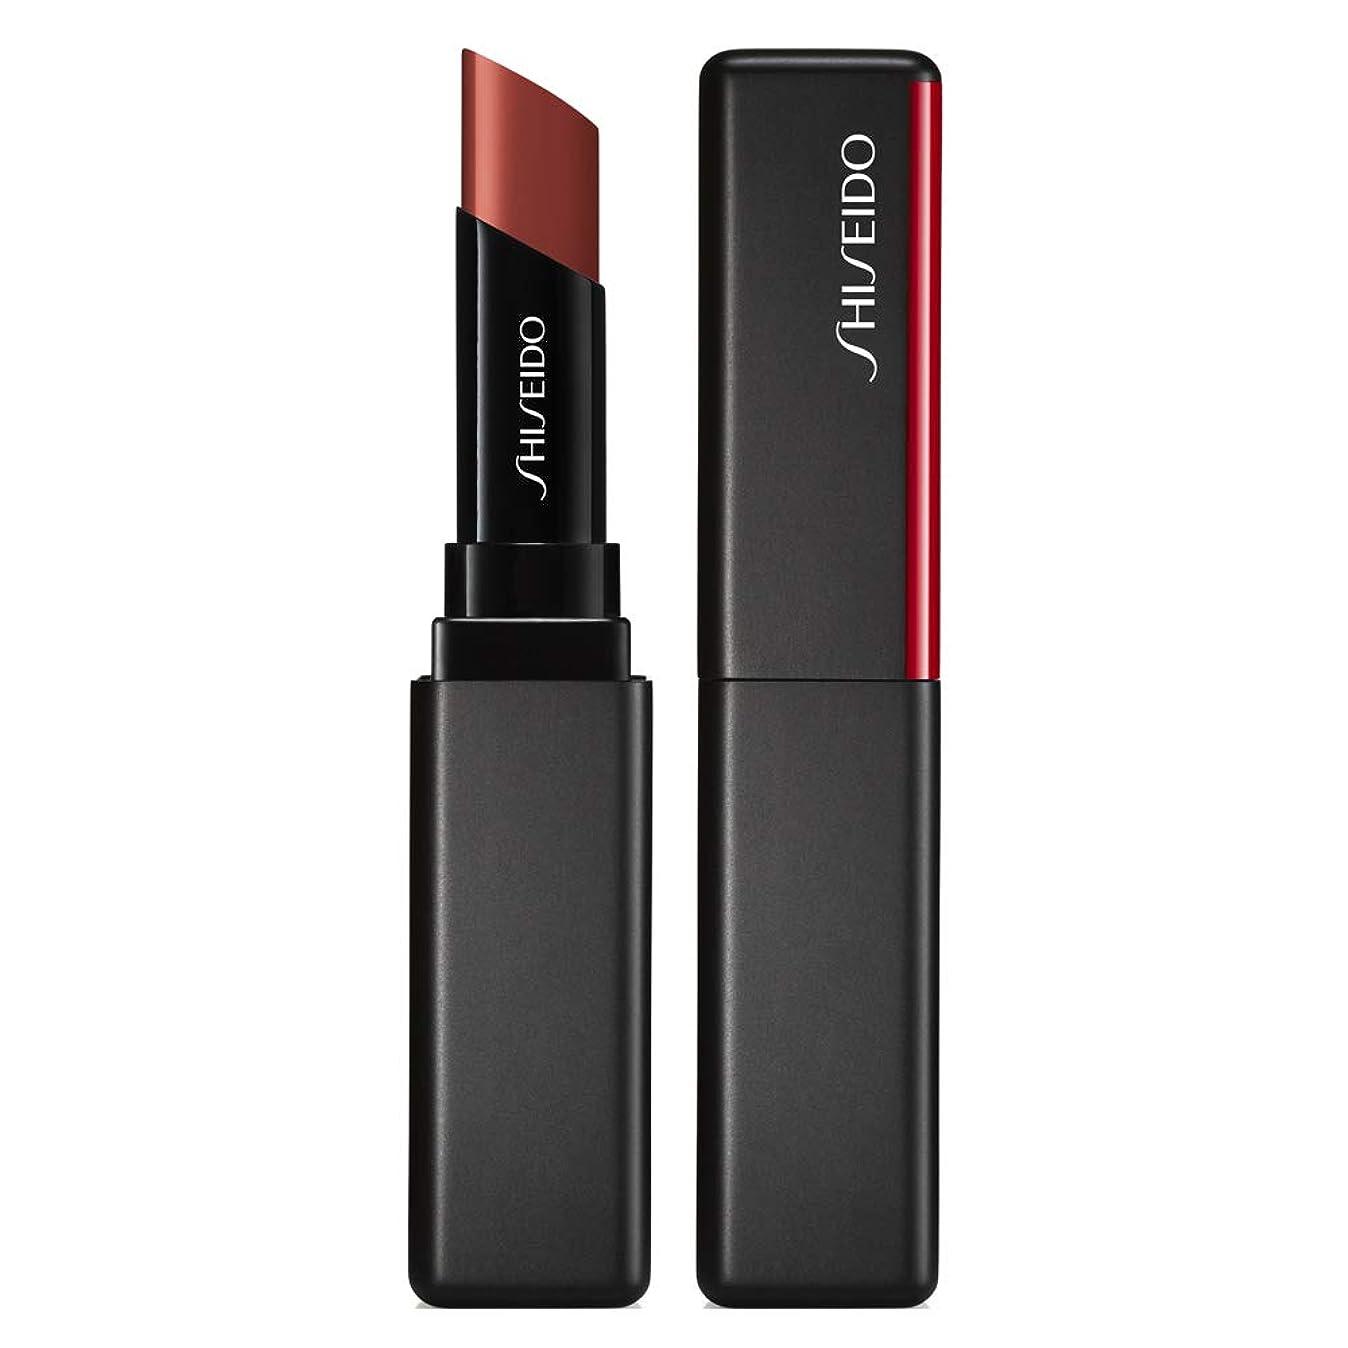 広告主擁するテレビ資生堂 VisionAiry Gel Lipstick - # 223 Shizuka Red (Canberry) 1.6g/0.05oz並行輸入品